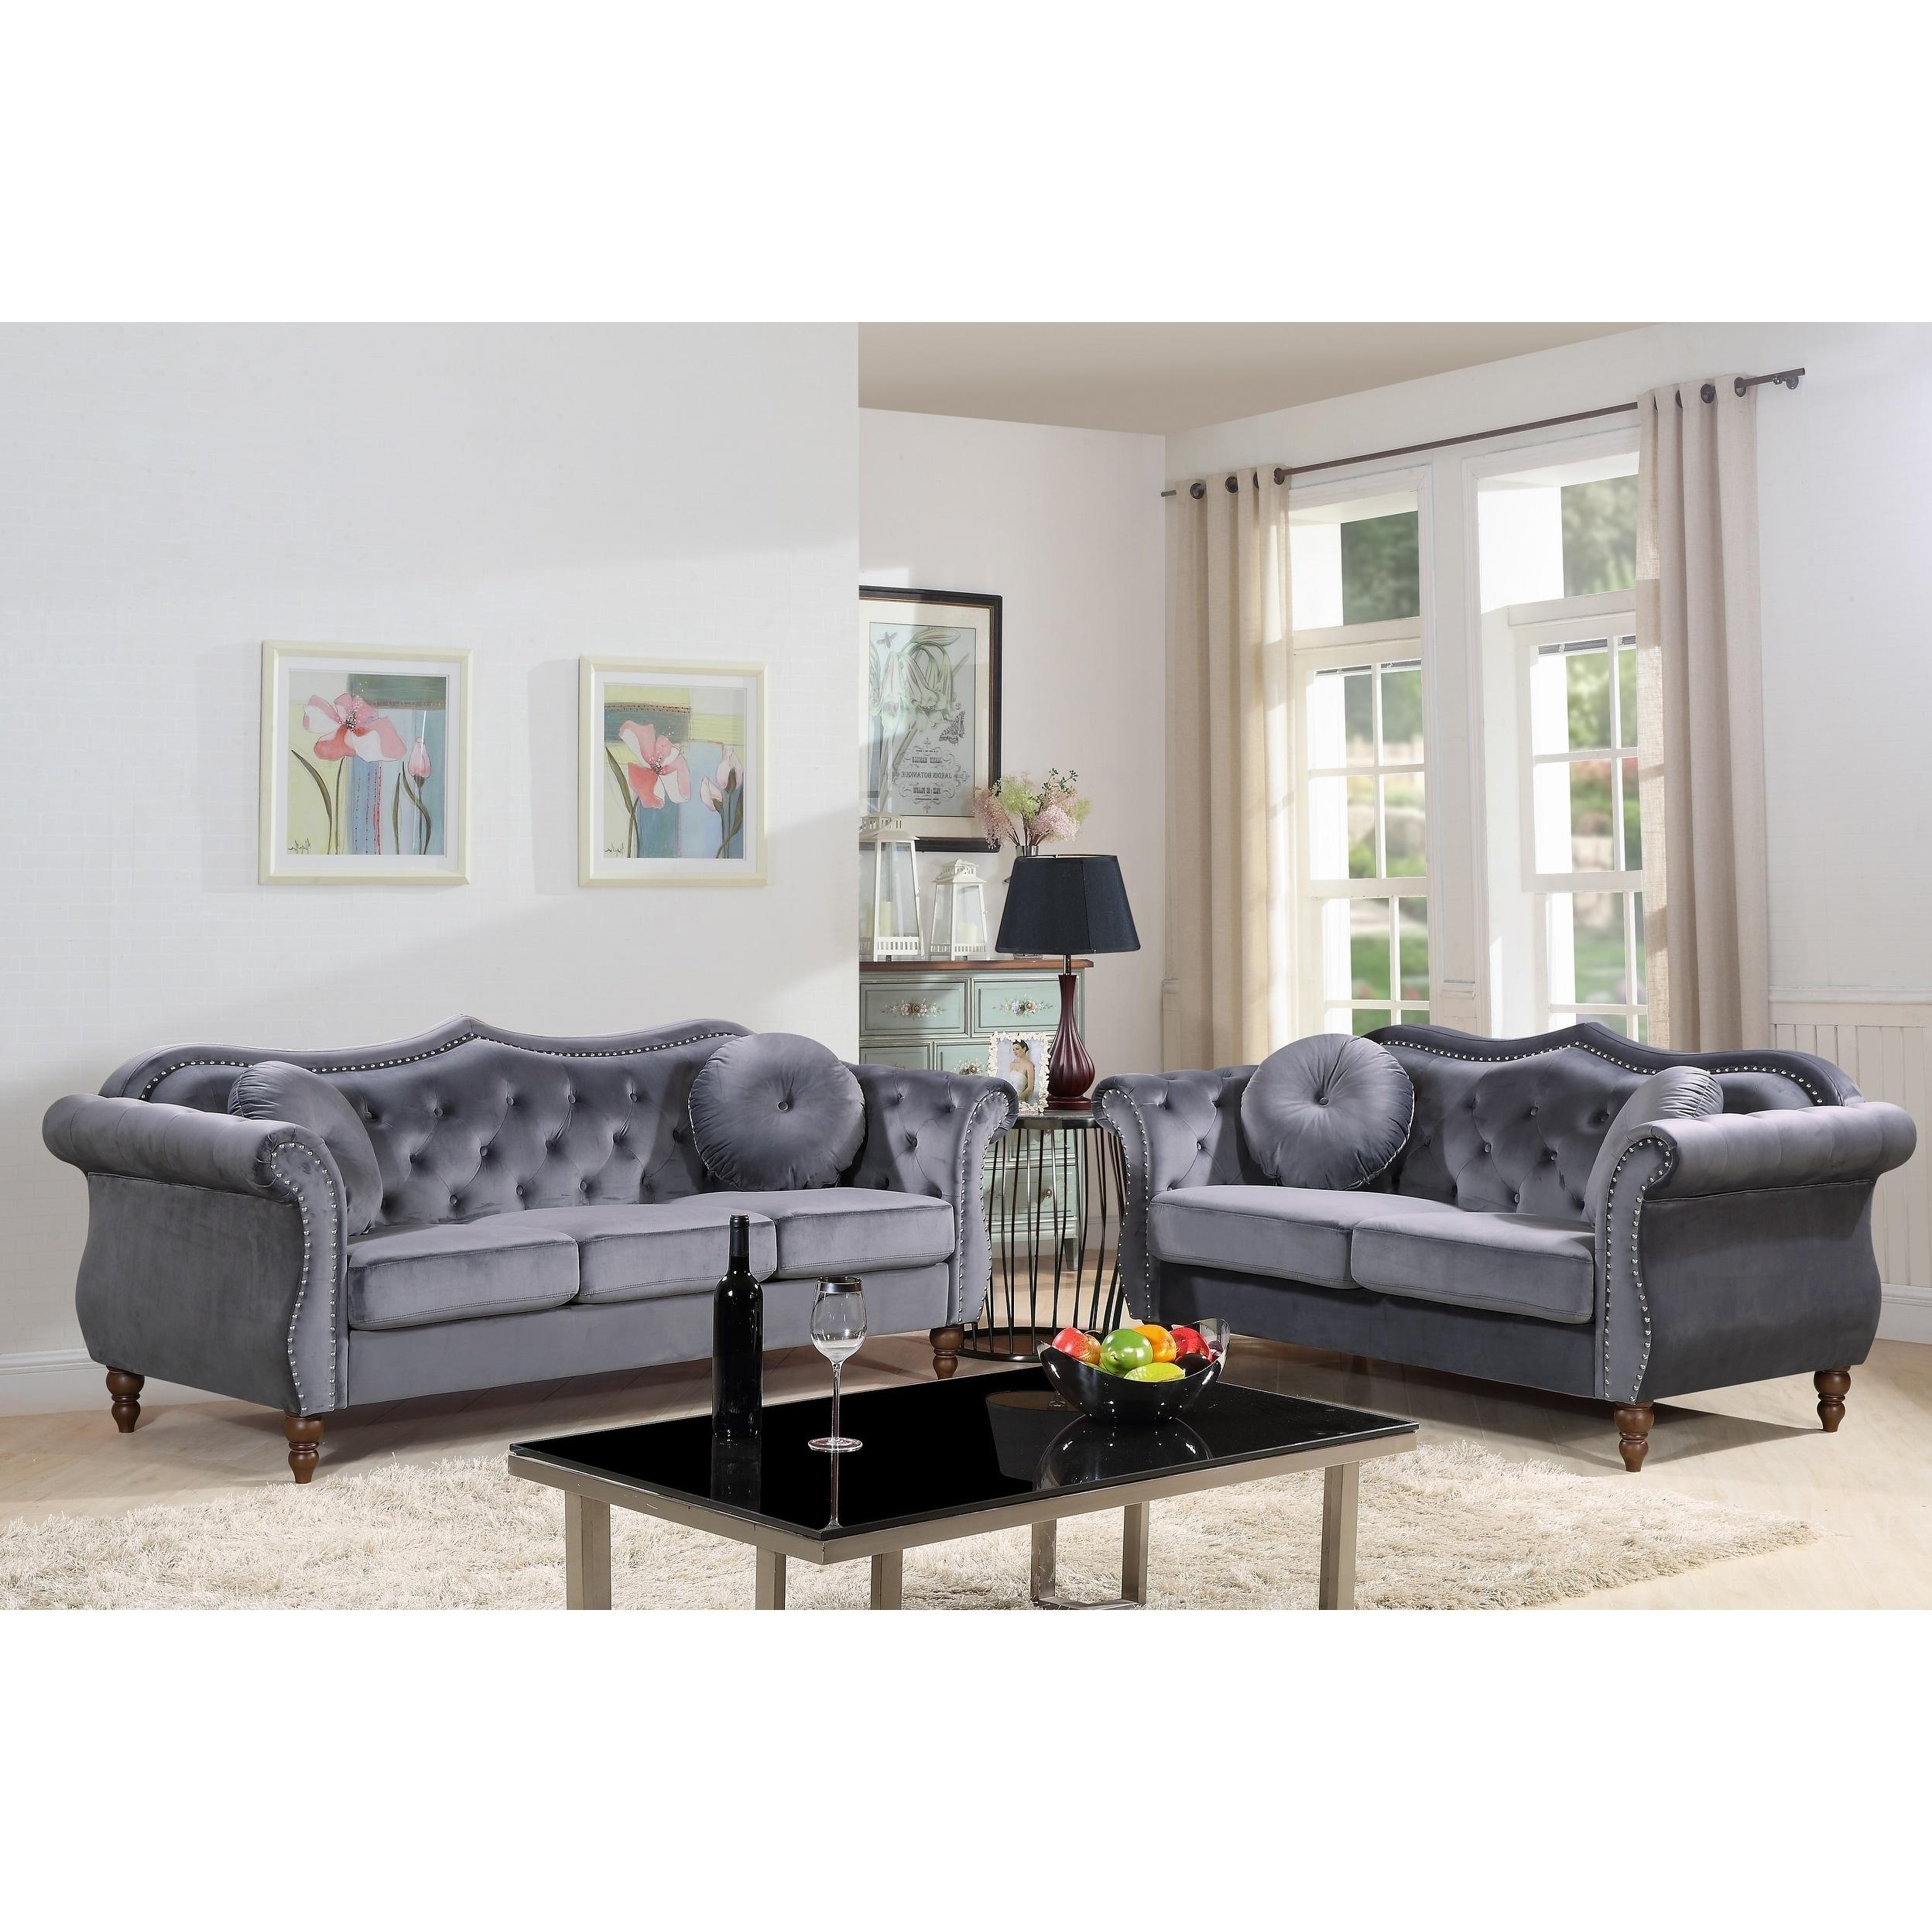 blue pin velvet living sofast plum deals com sofa radford polyester turquoise shopping the best overstock loveseat handy